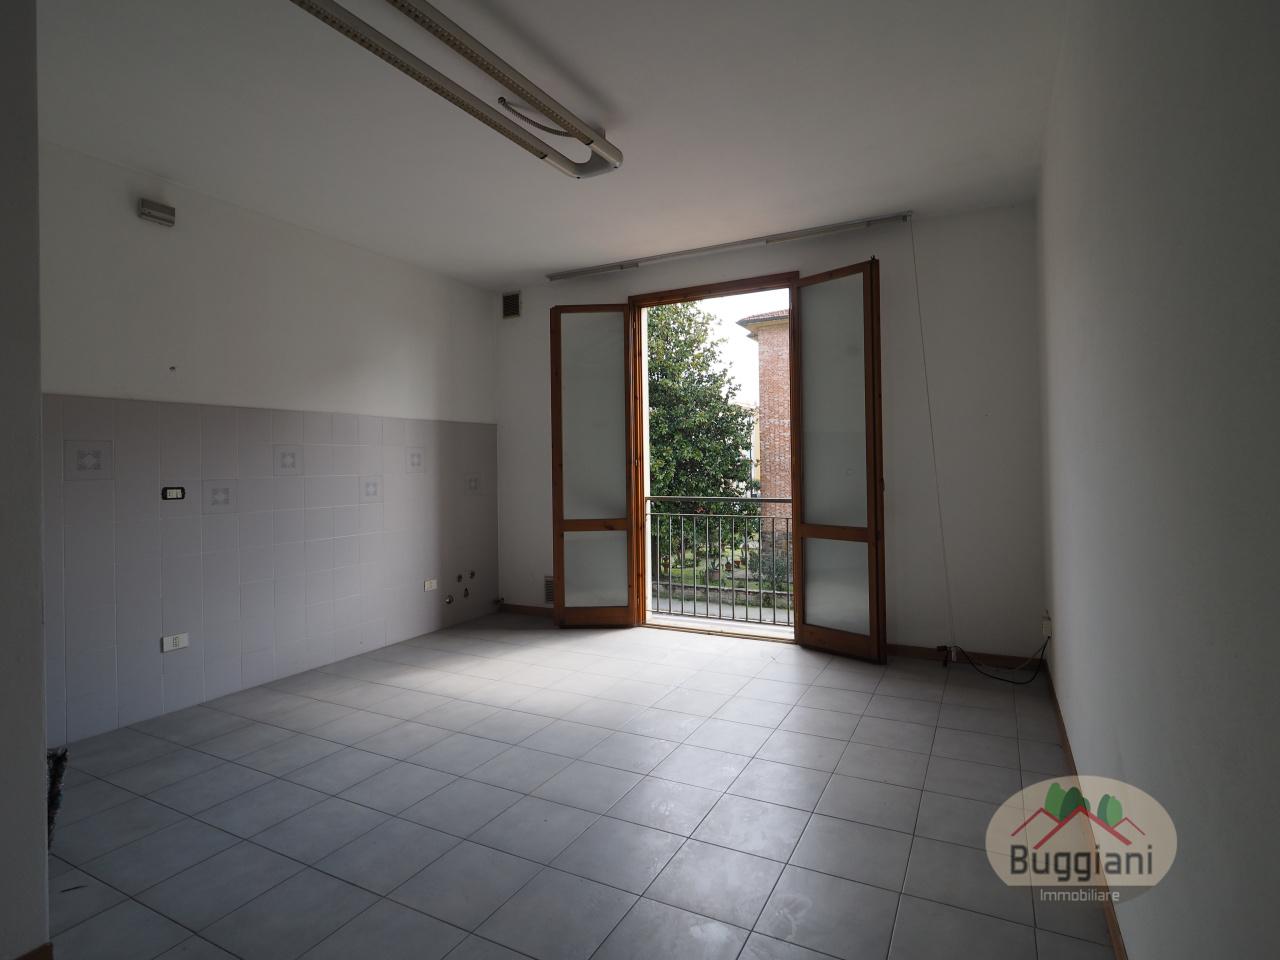 Appartamento in vendita RIF. 1716, Santa Croce sull'Arno (PI)